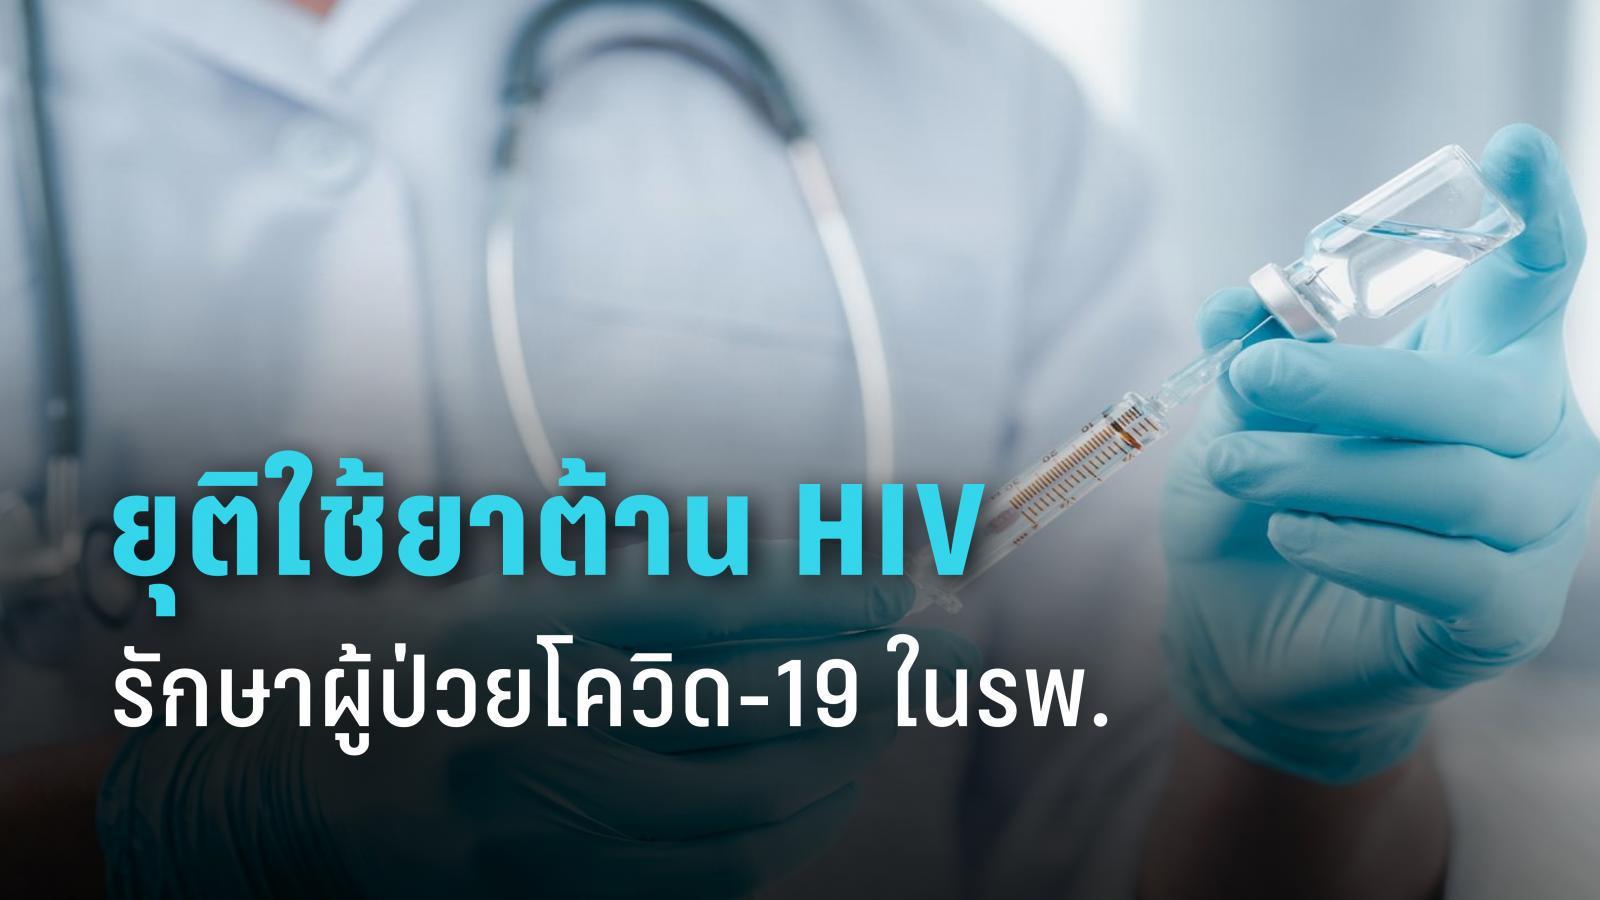 WHO ประกาศยุติการใช้ยาต้าน HIV รักษาผู้ป่วยโควิด-19